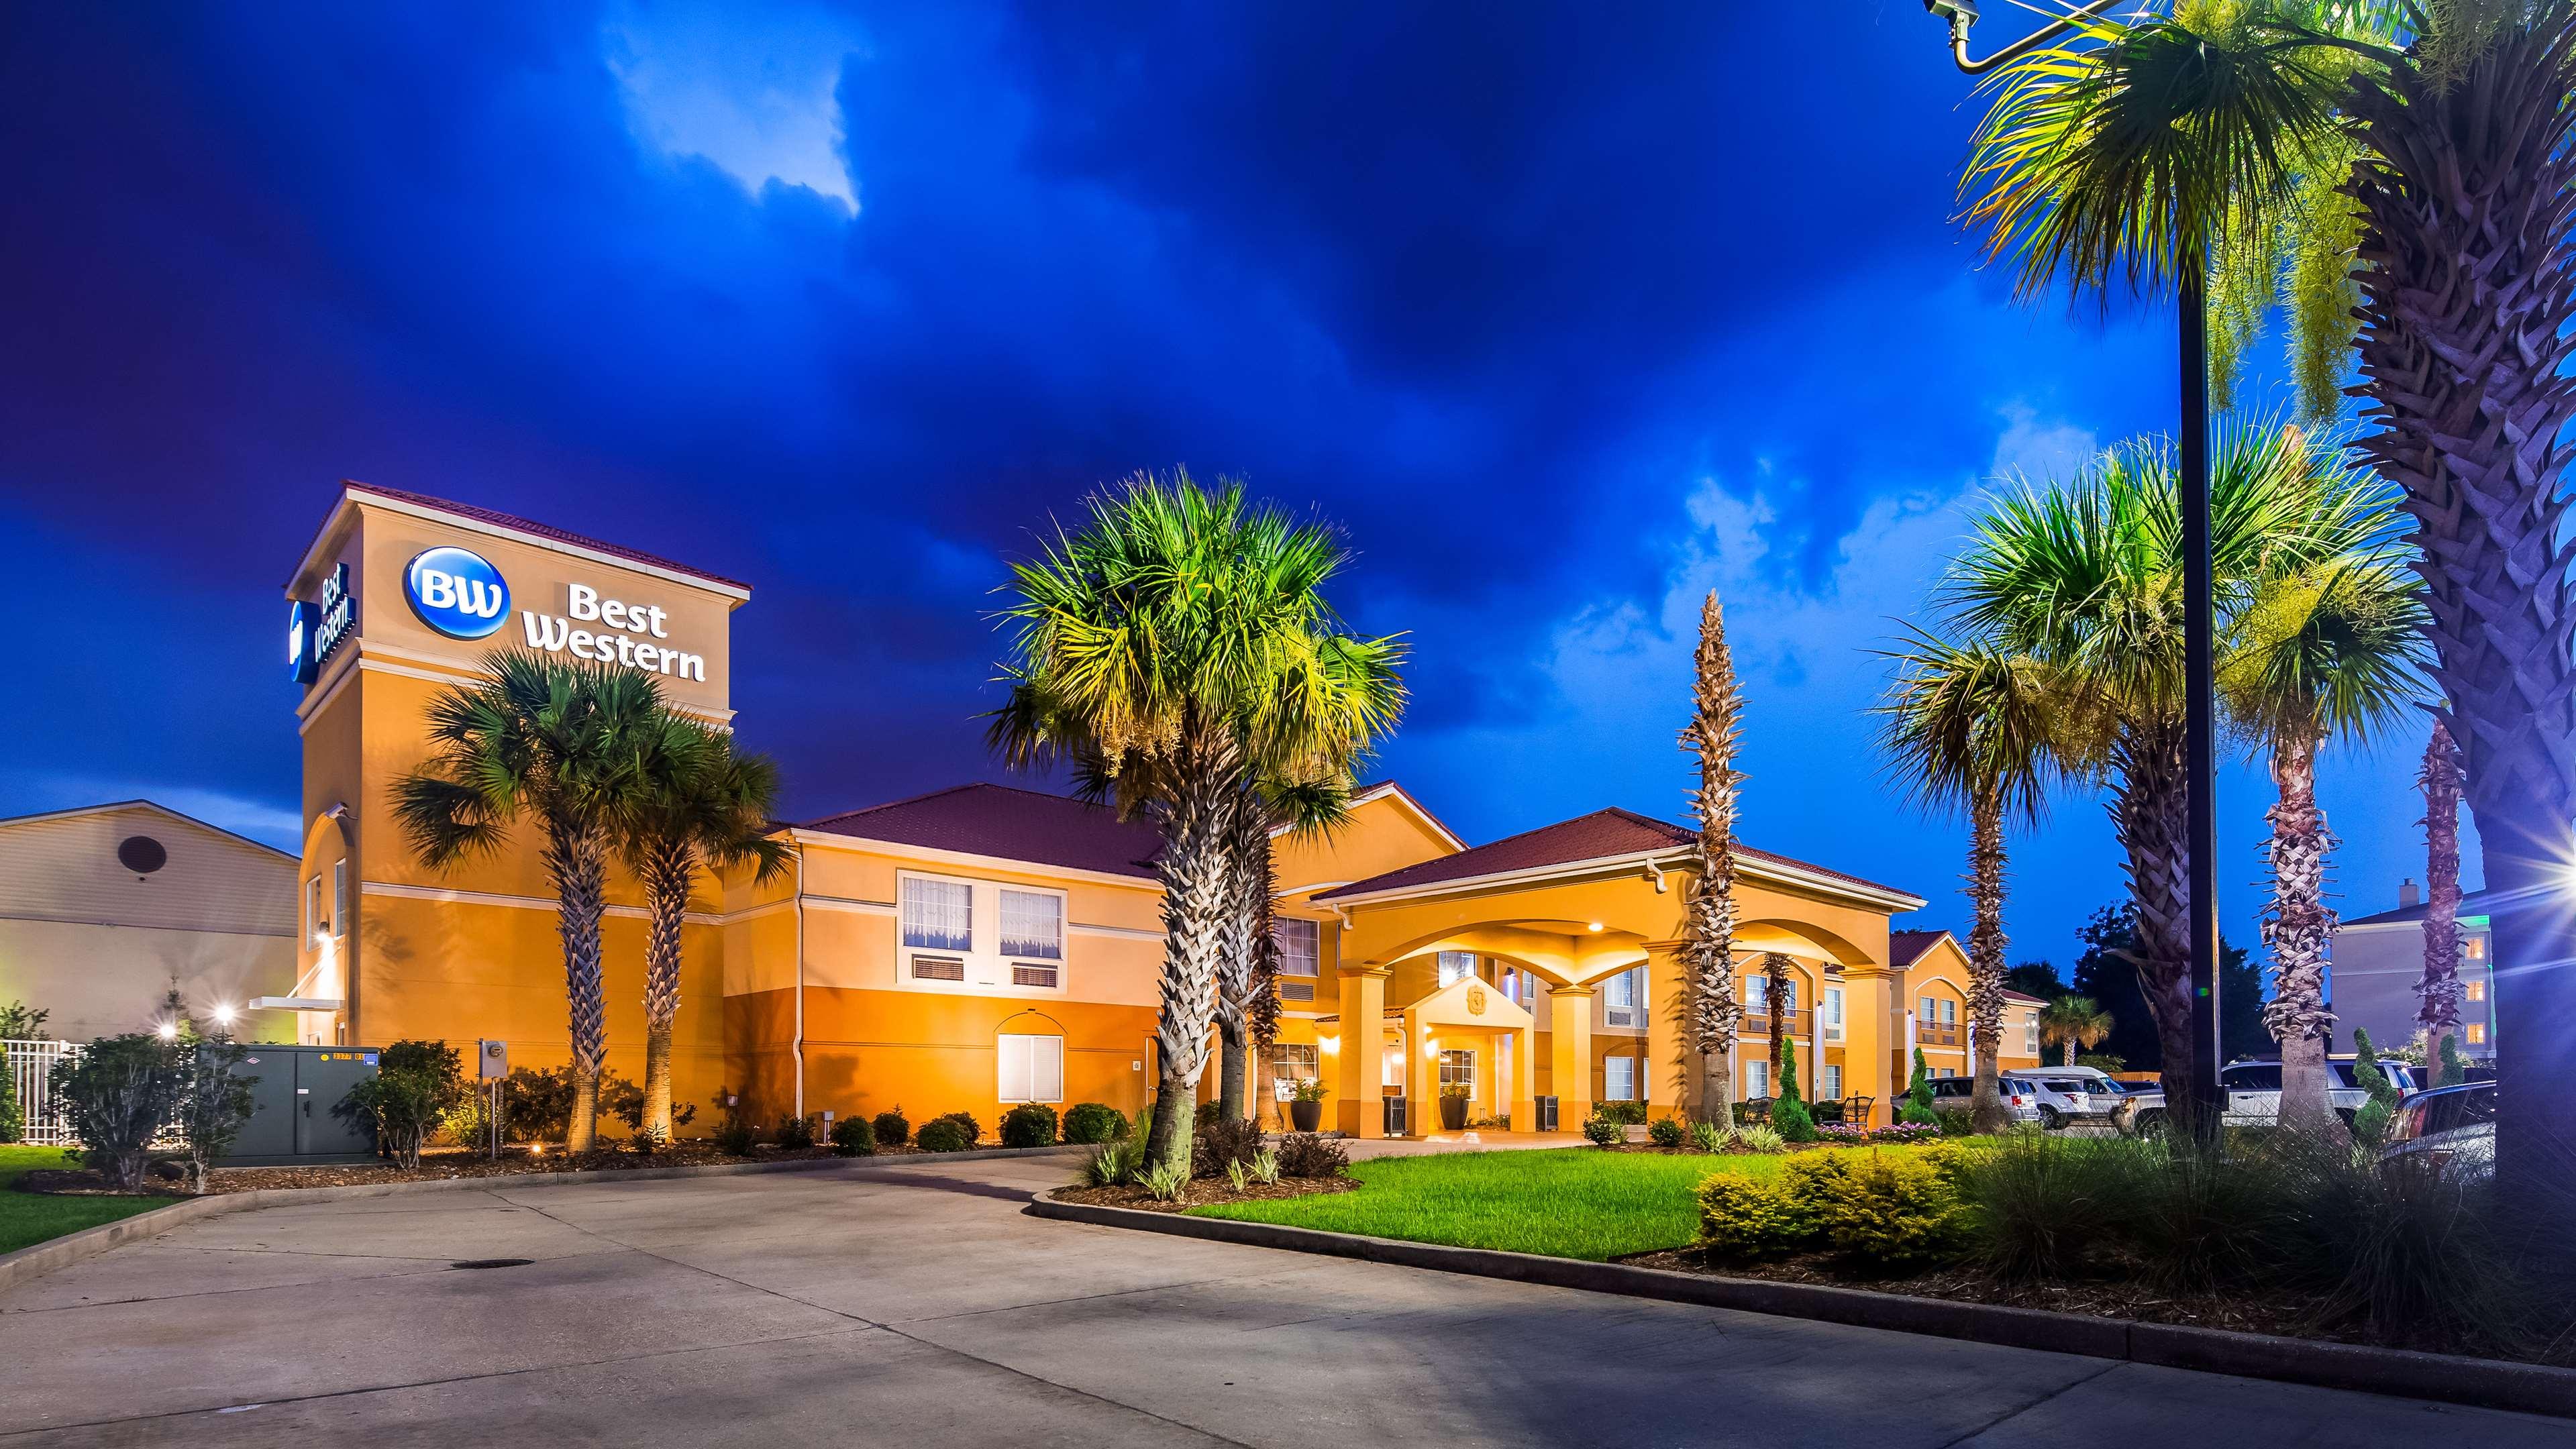 Best Western Lafayette Inn image 0